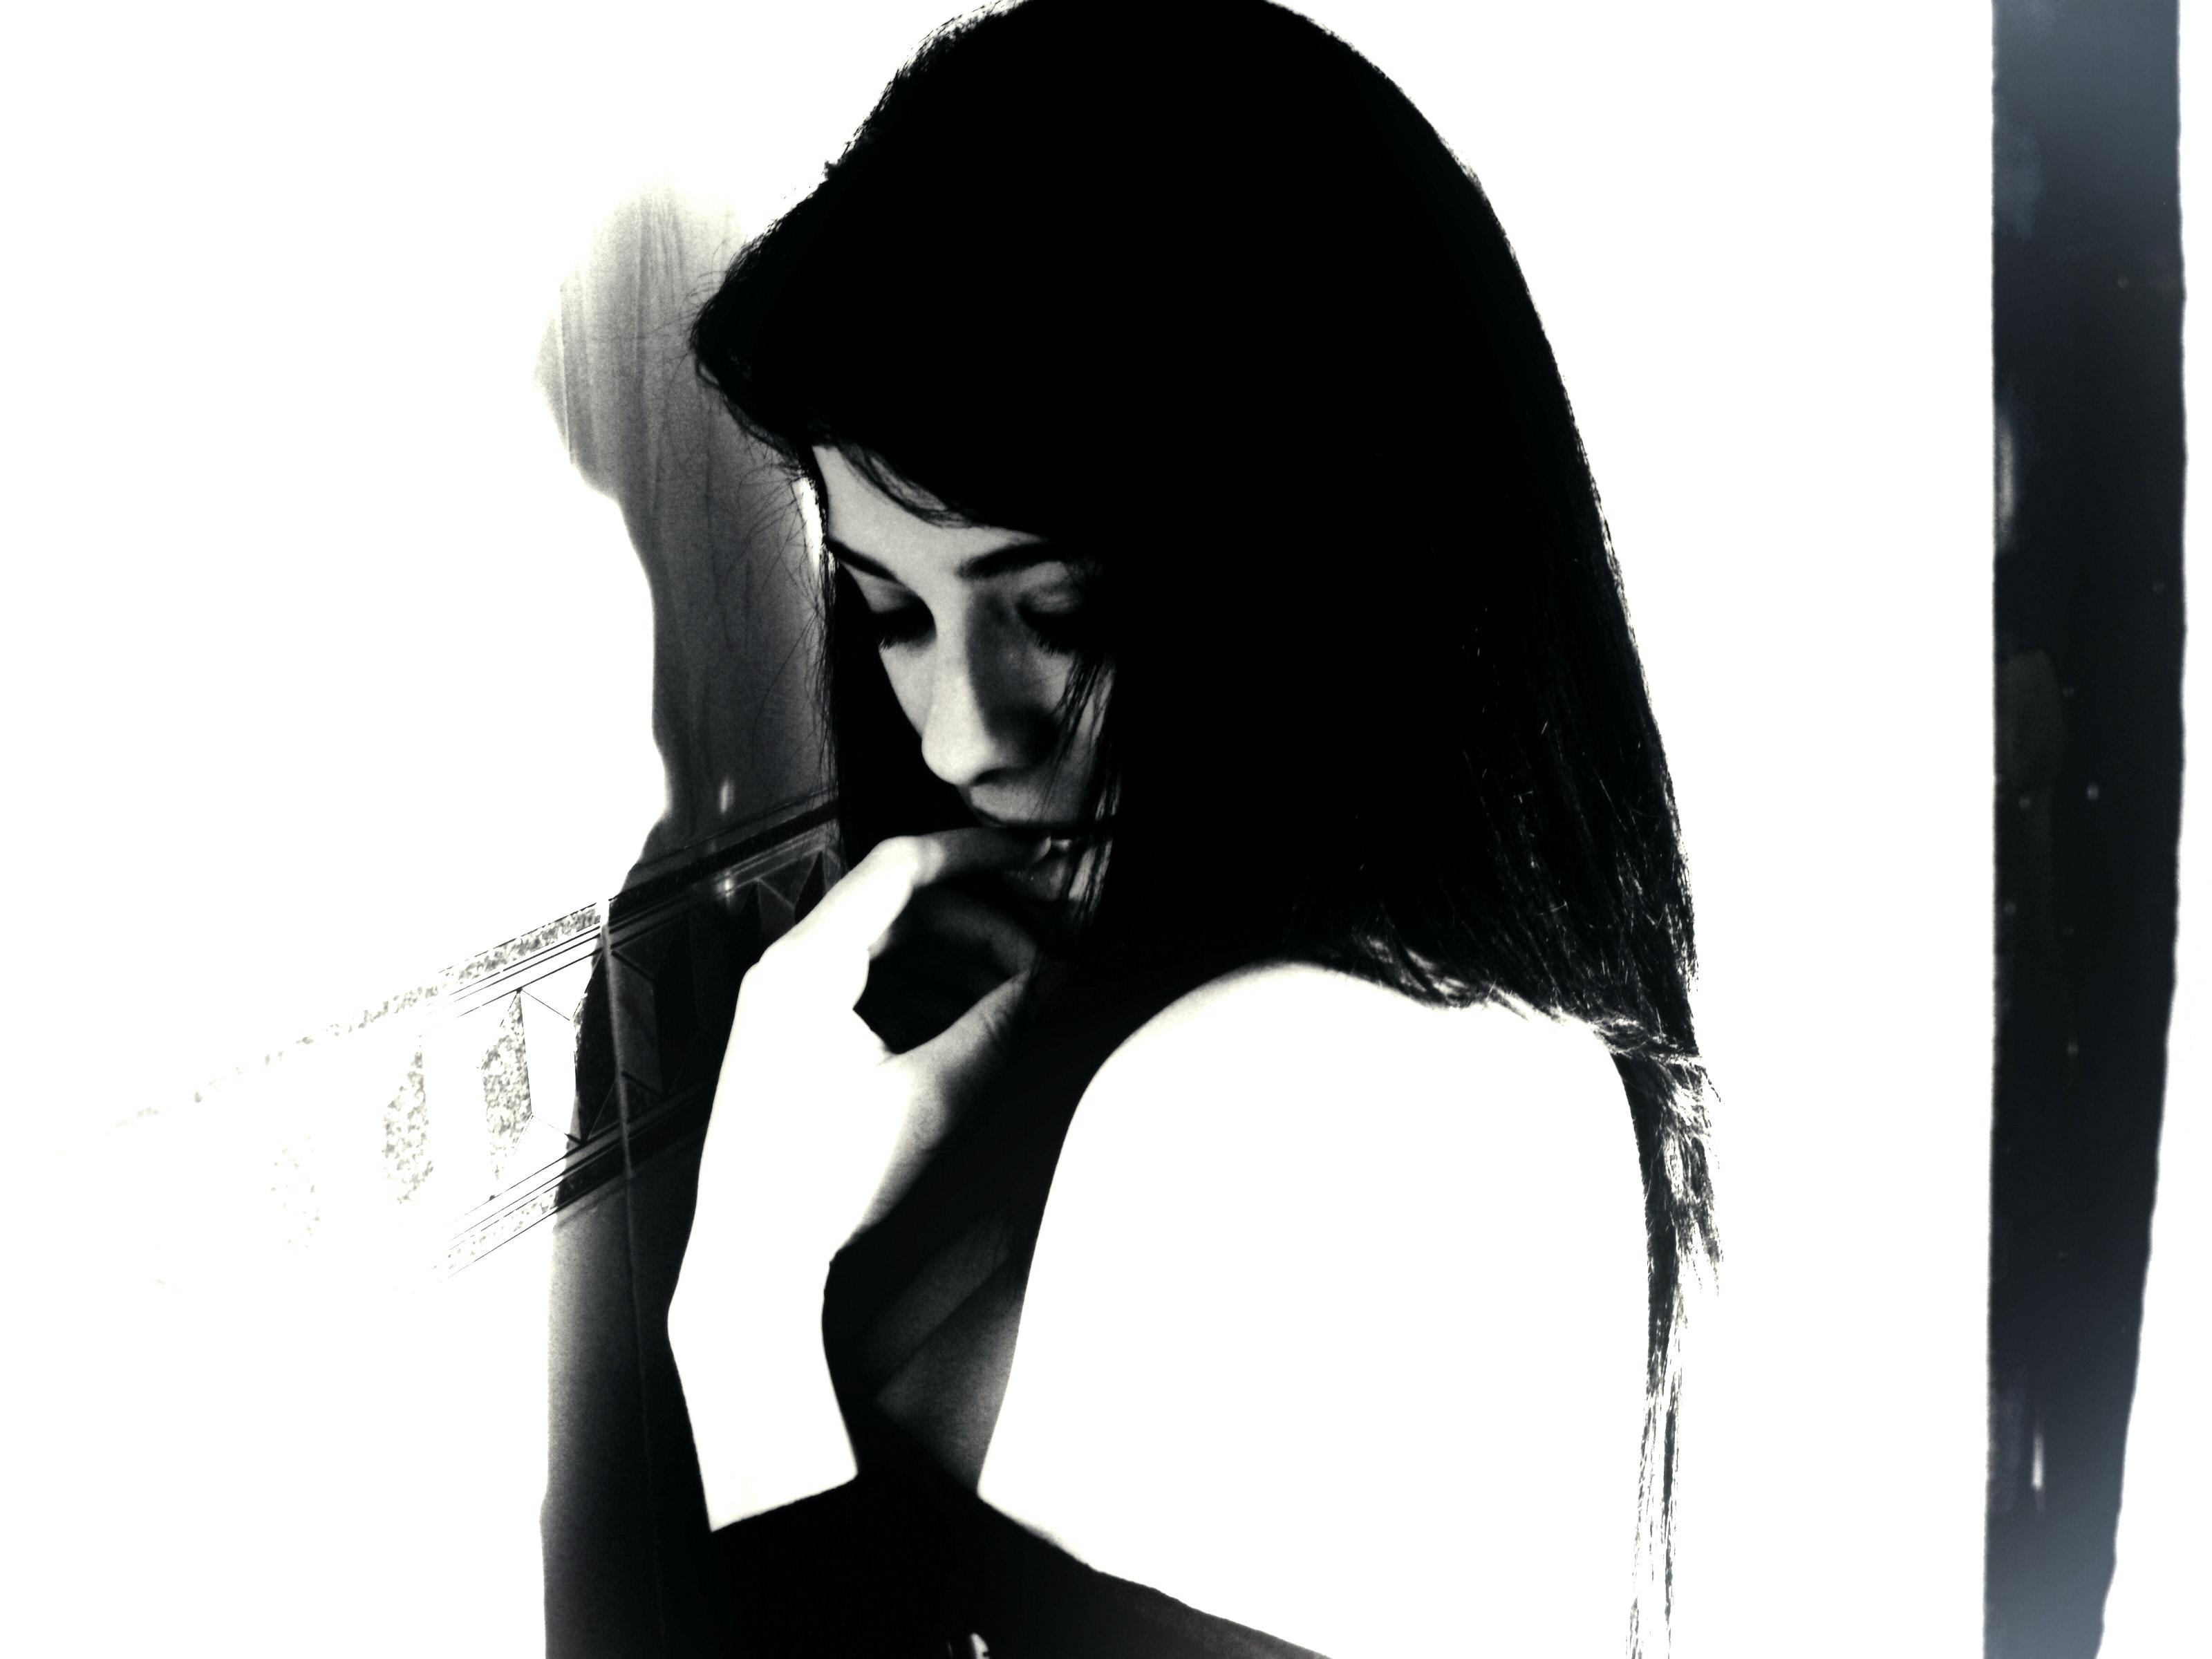 87 Gambar Wanita Hitam Putih Keren Kekinian